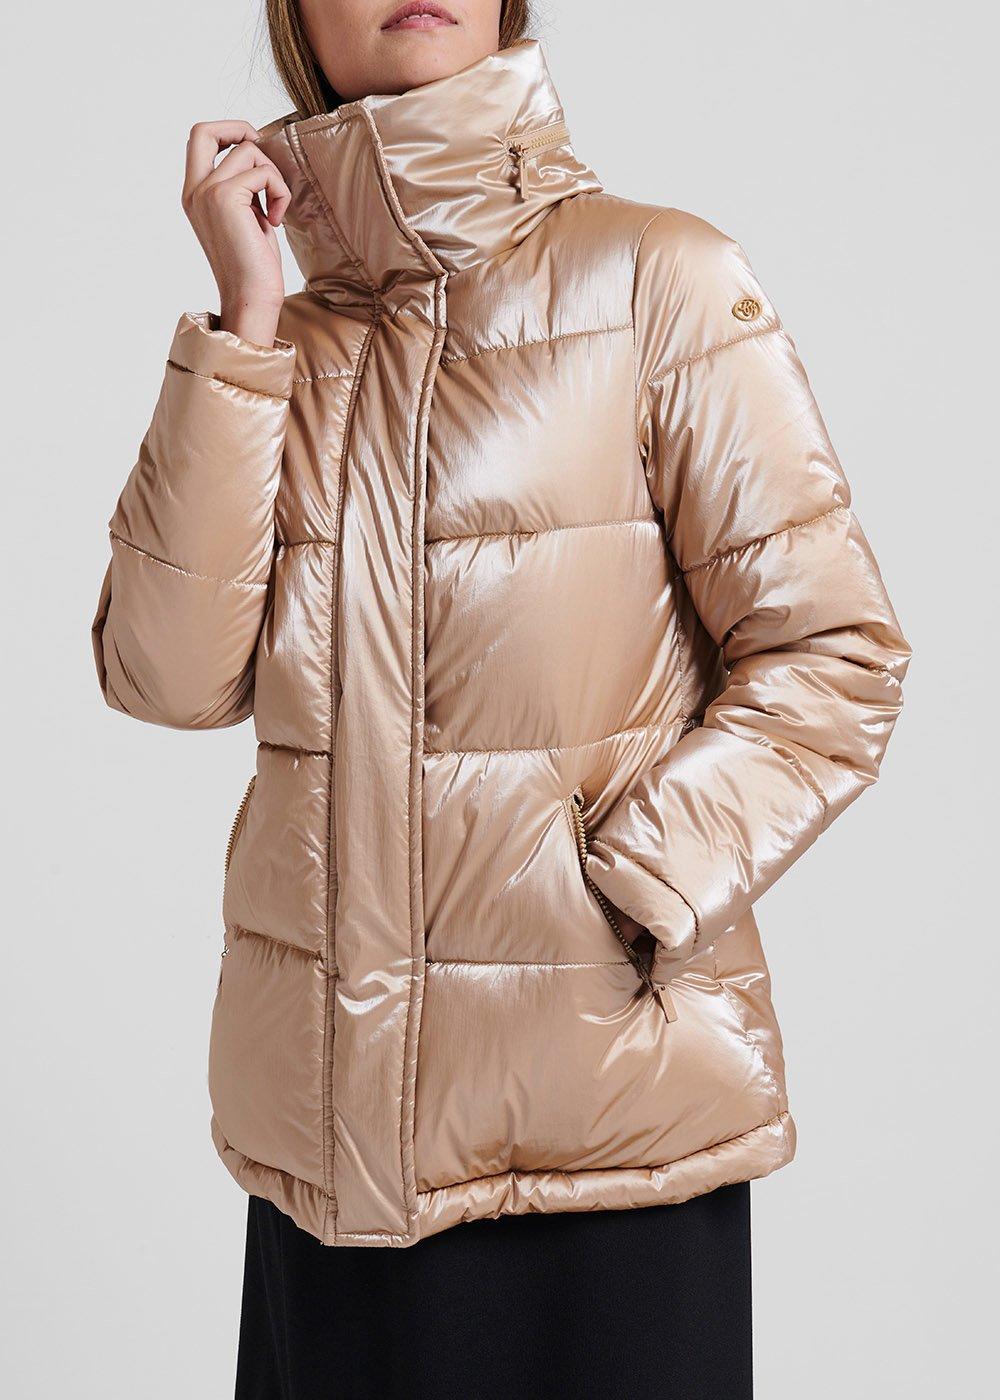 Piumino in tessuto effetto metallico con cappuccio - Desert - Donna